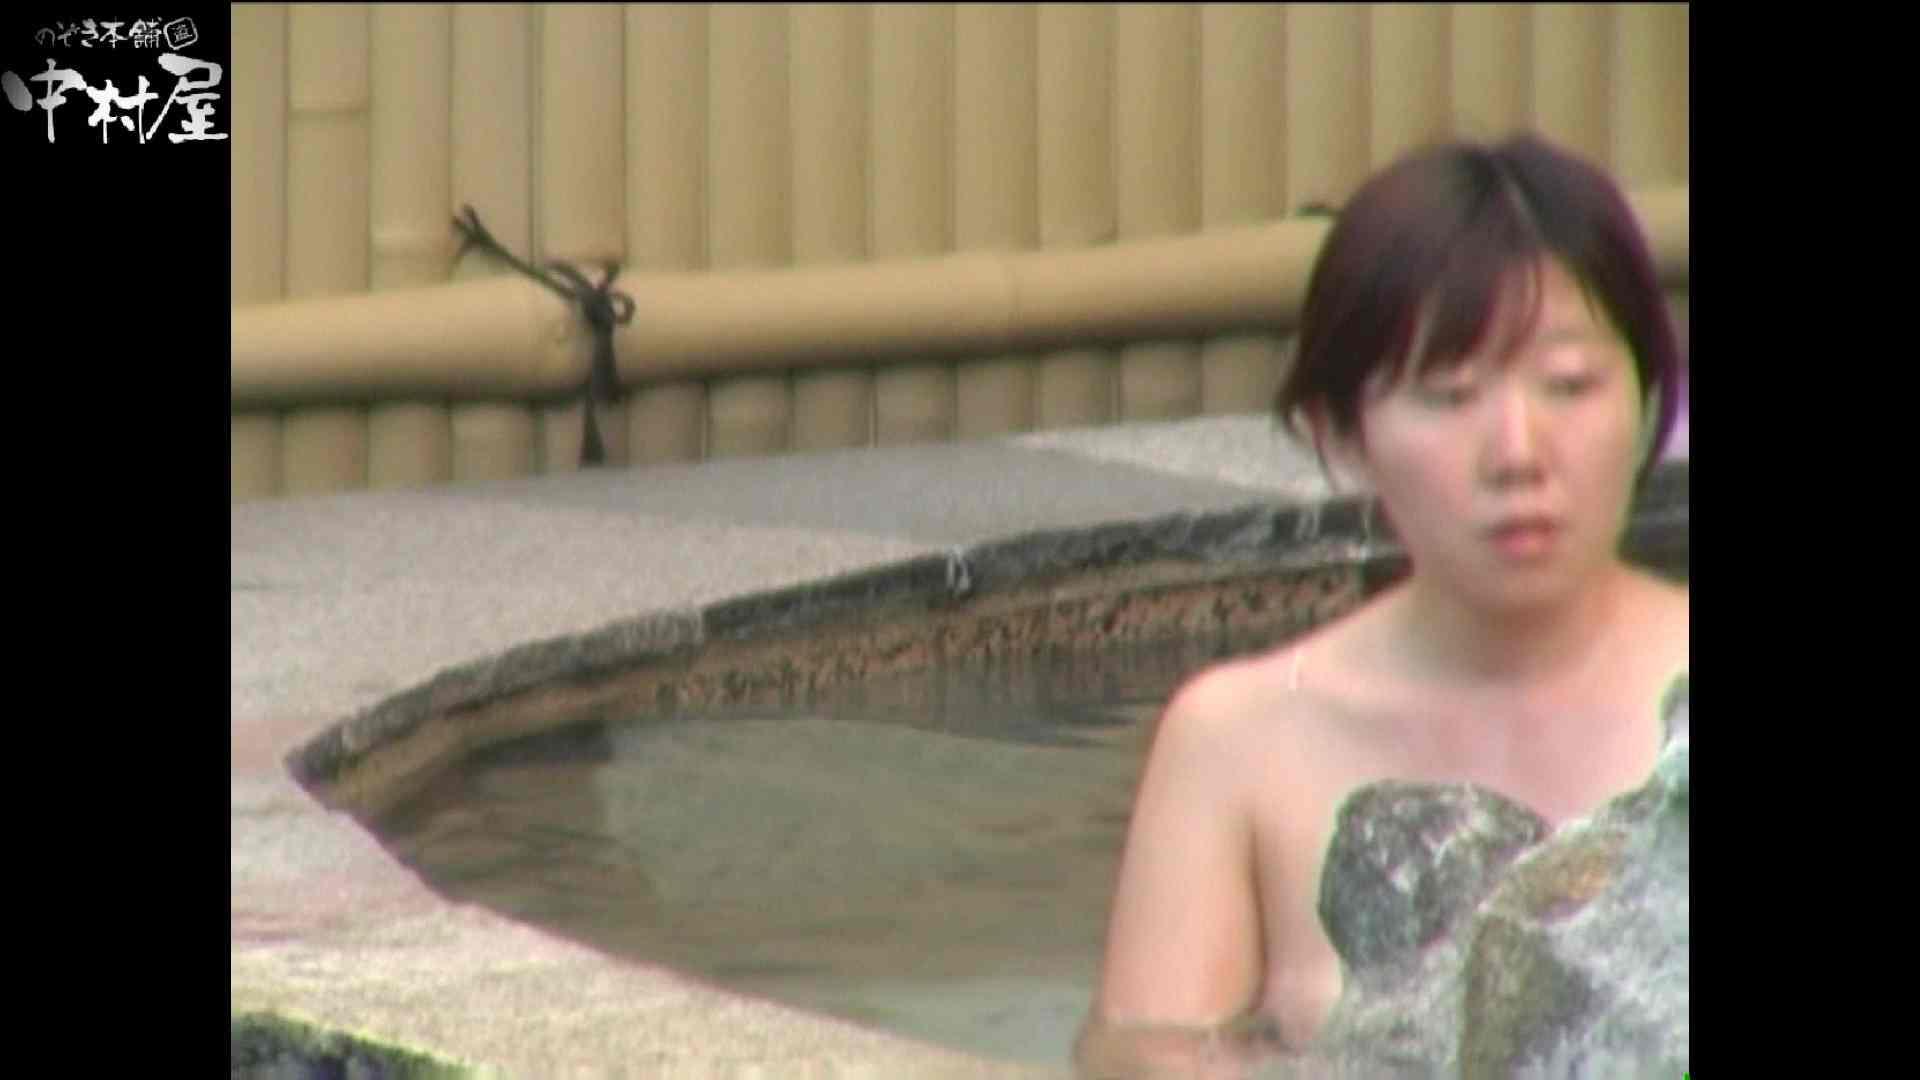 Aquaな露天風呂Vol.977 美しいOLの裸体 ヌード画像 83pic 23